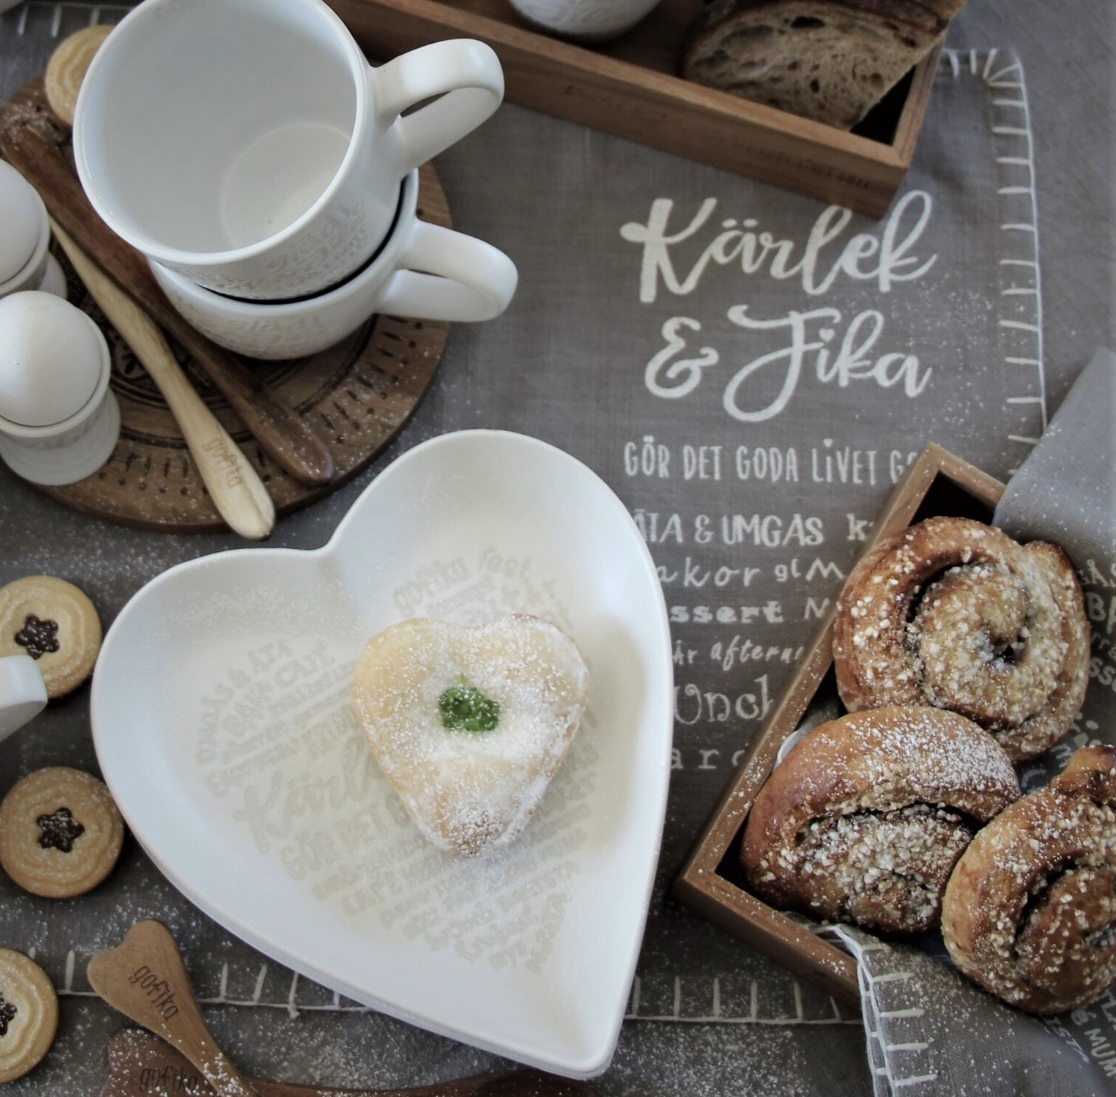 Keramikfat_kärlek och fika